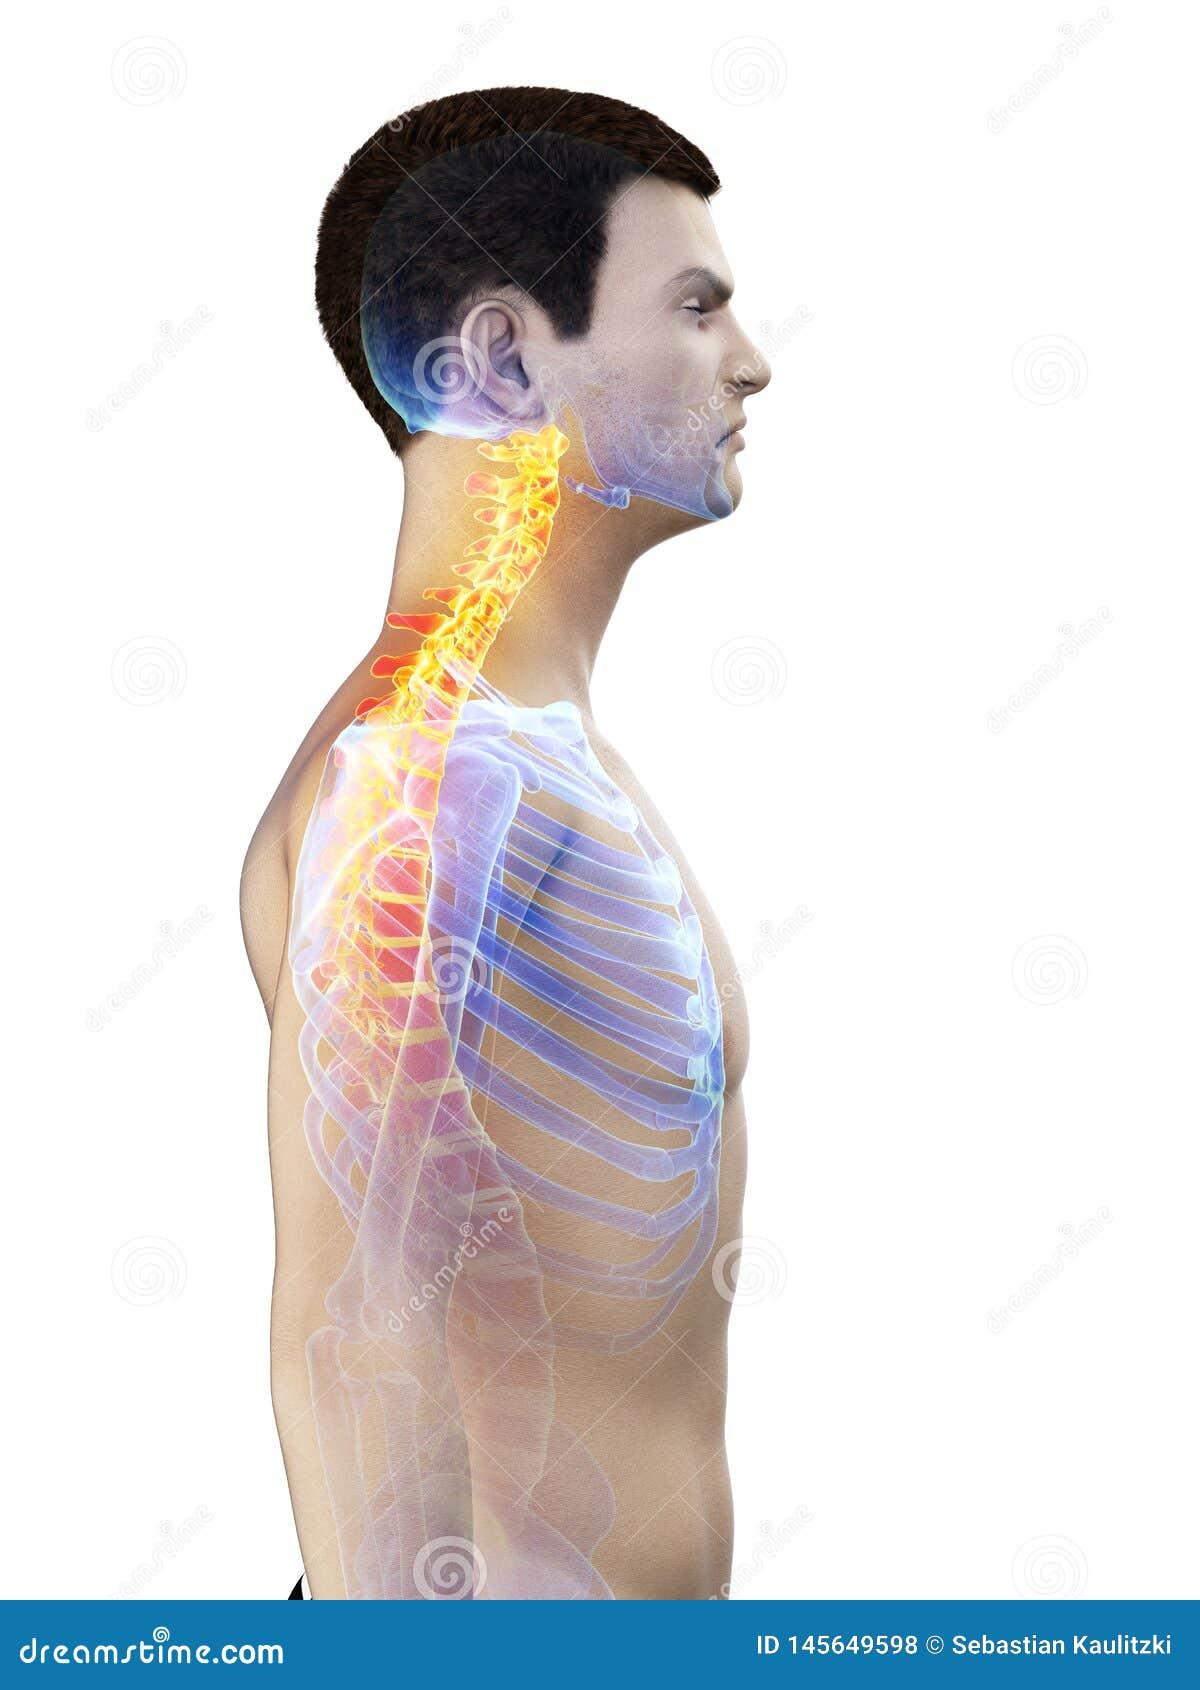 A mans painful neck